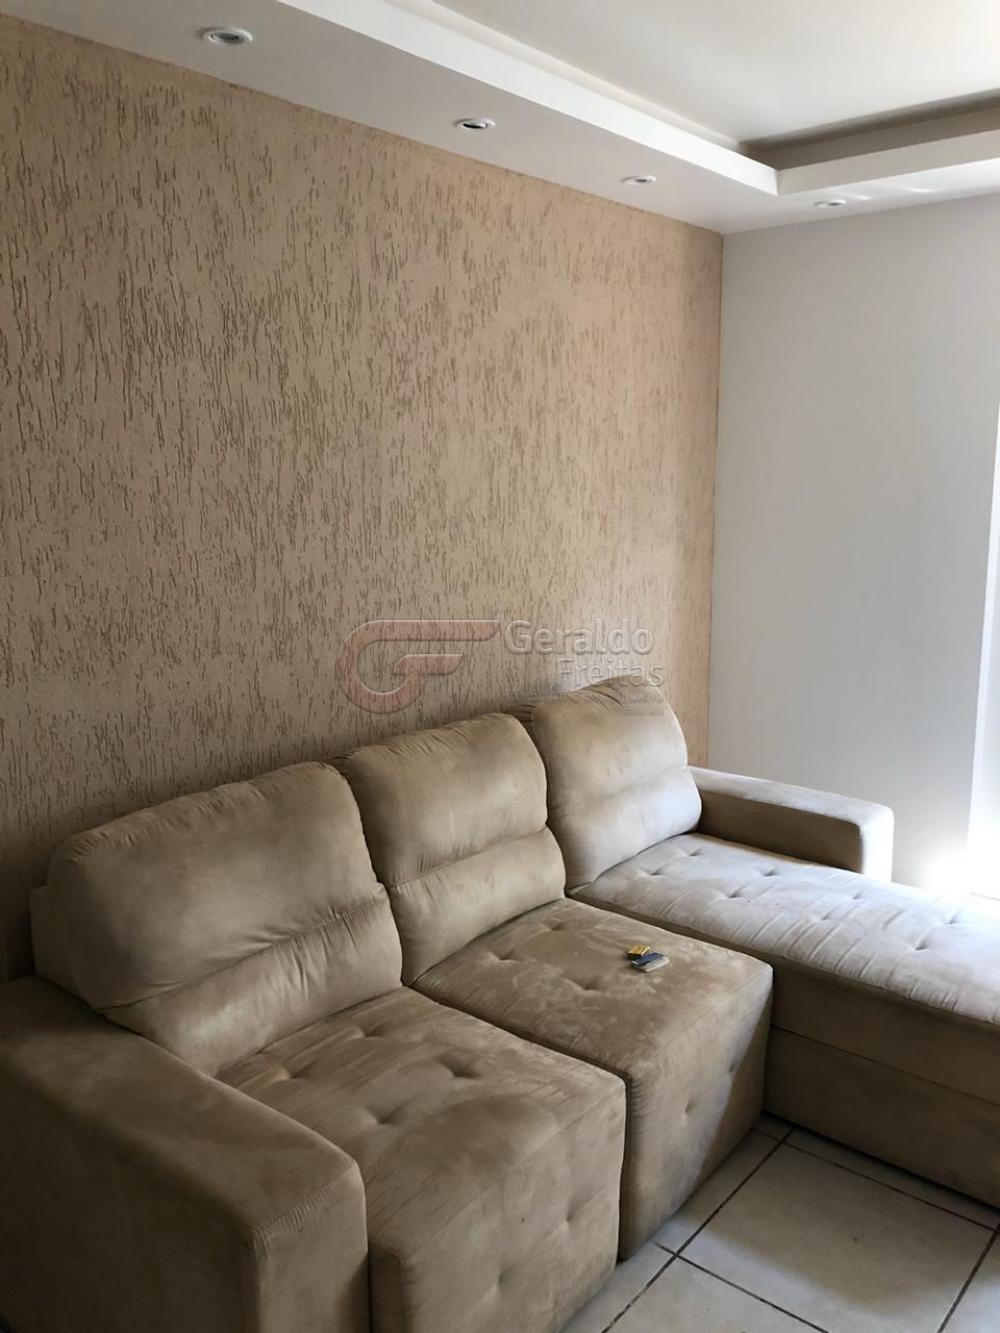 Comprar Apartamentos / Quarto Sala em Maceió apenas R$ 270.000,00 - Foto 3